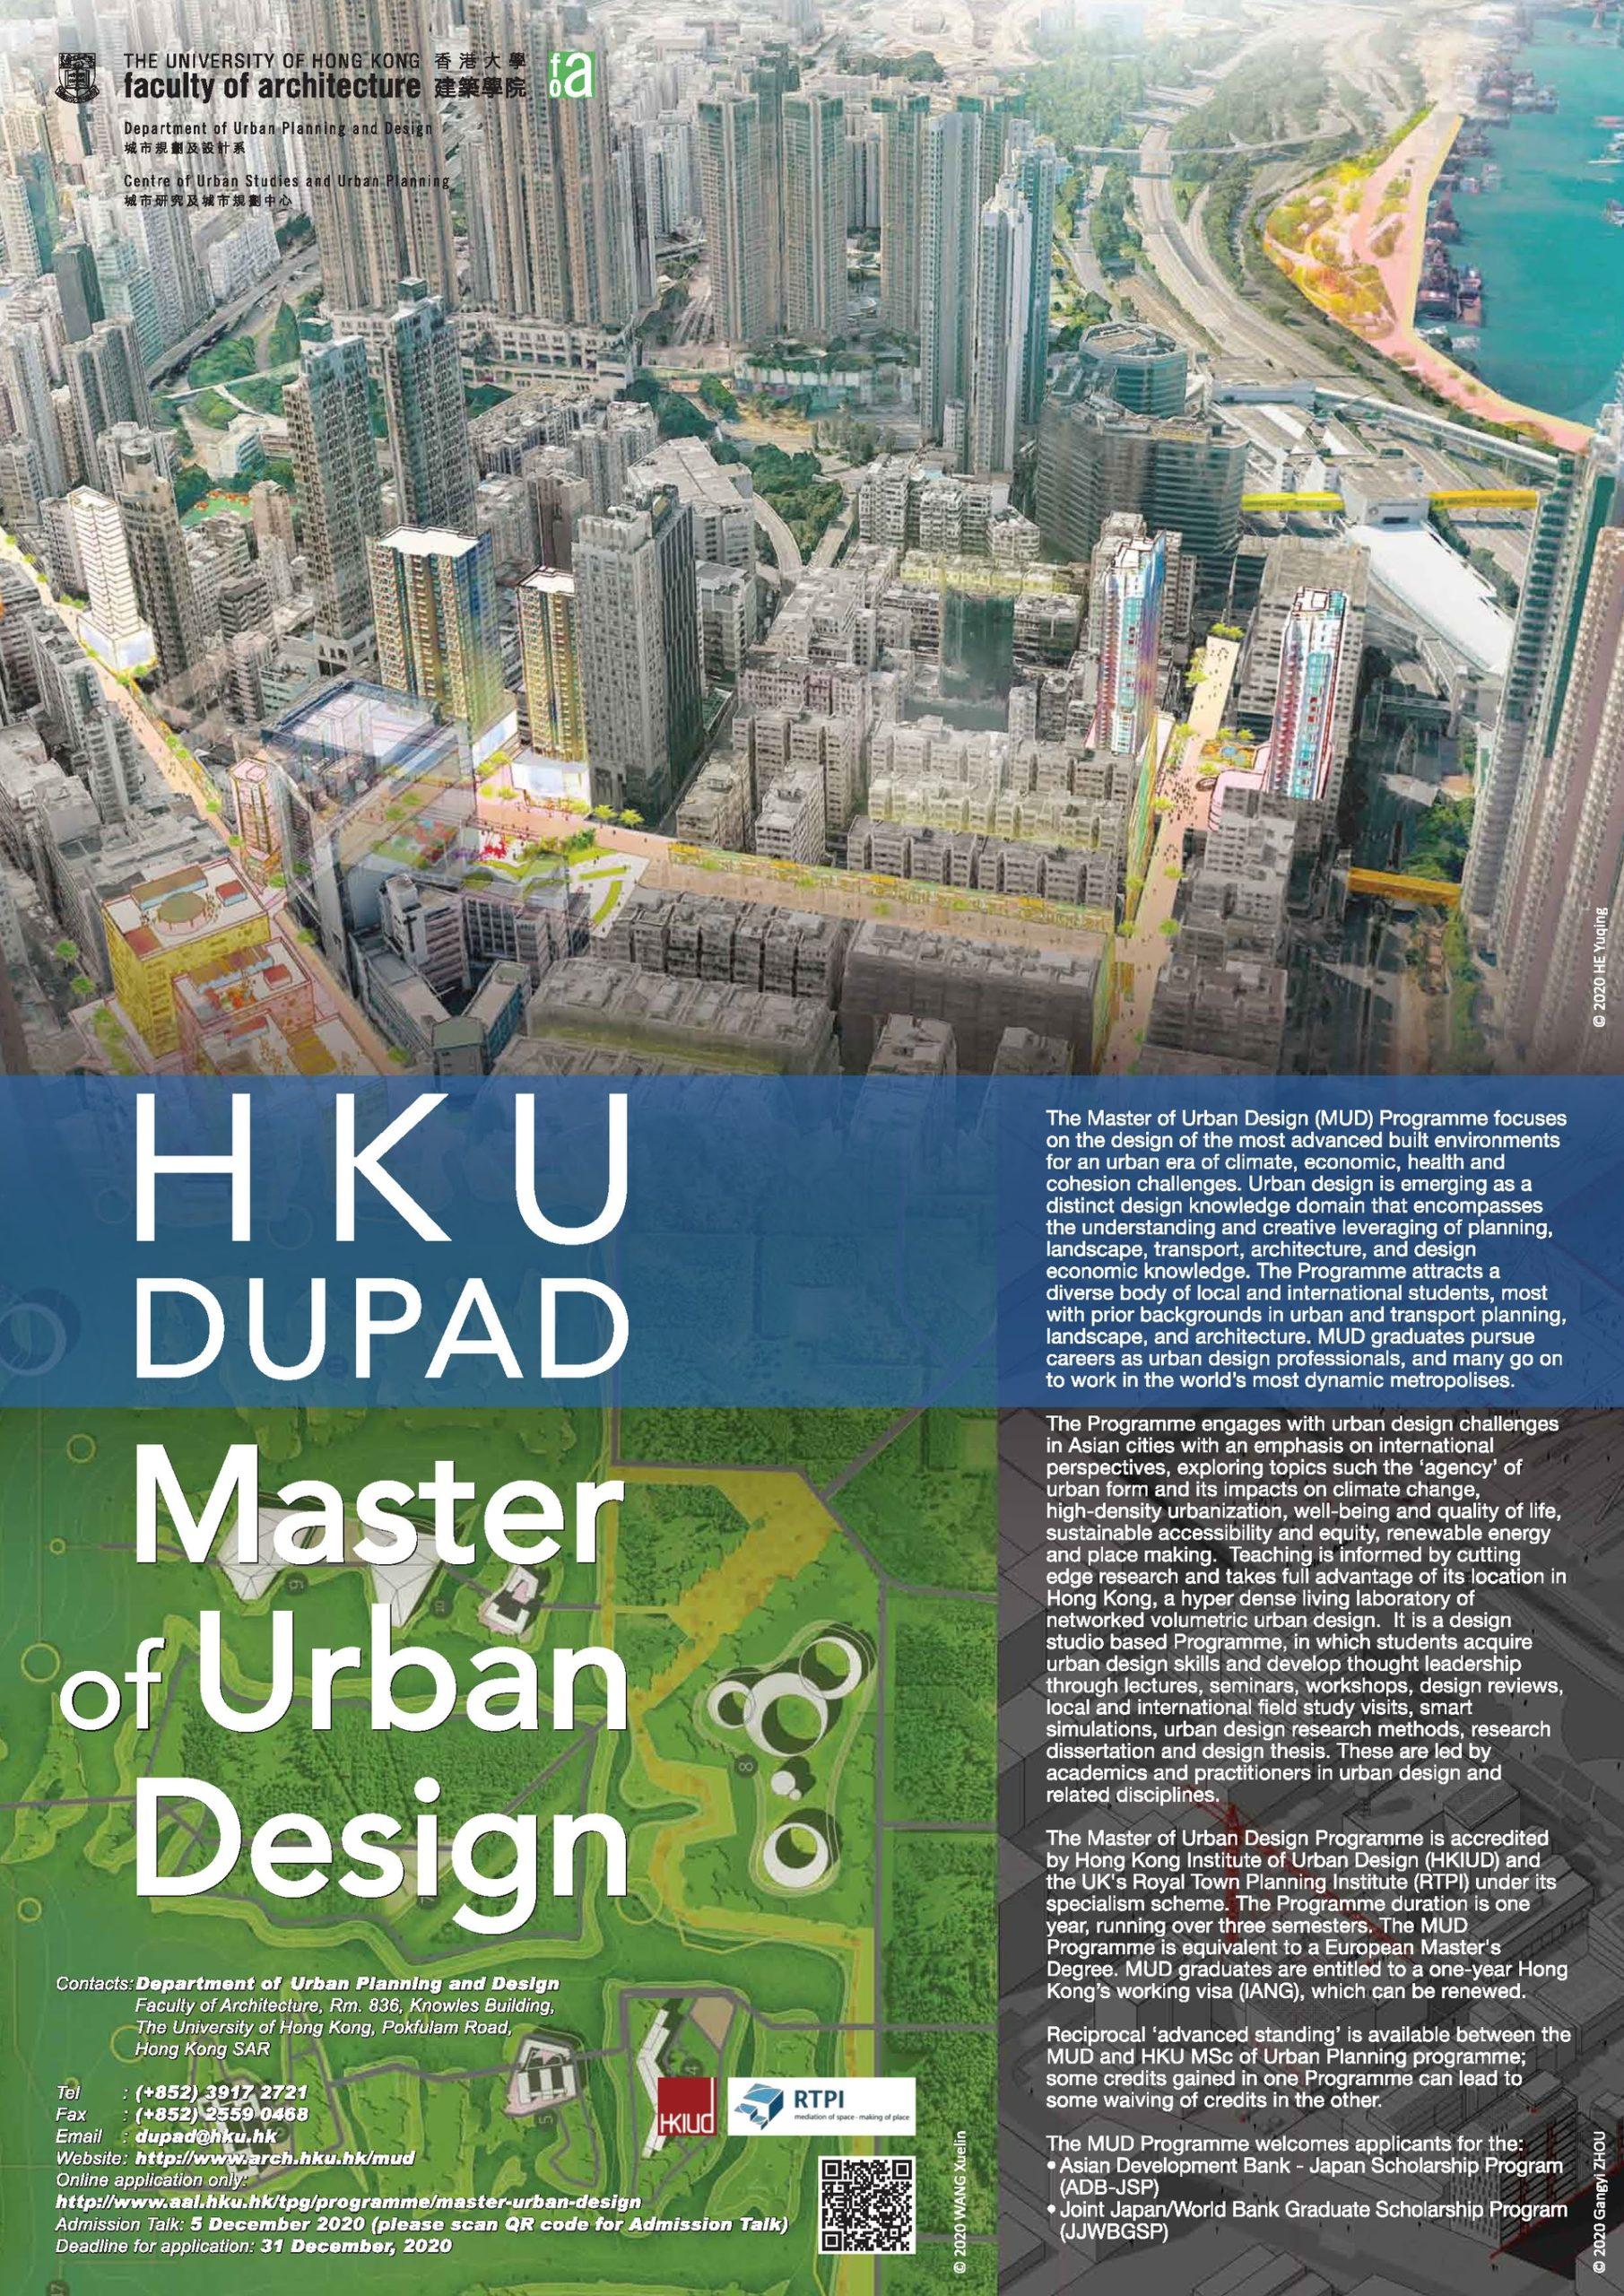 MUD Poster Image